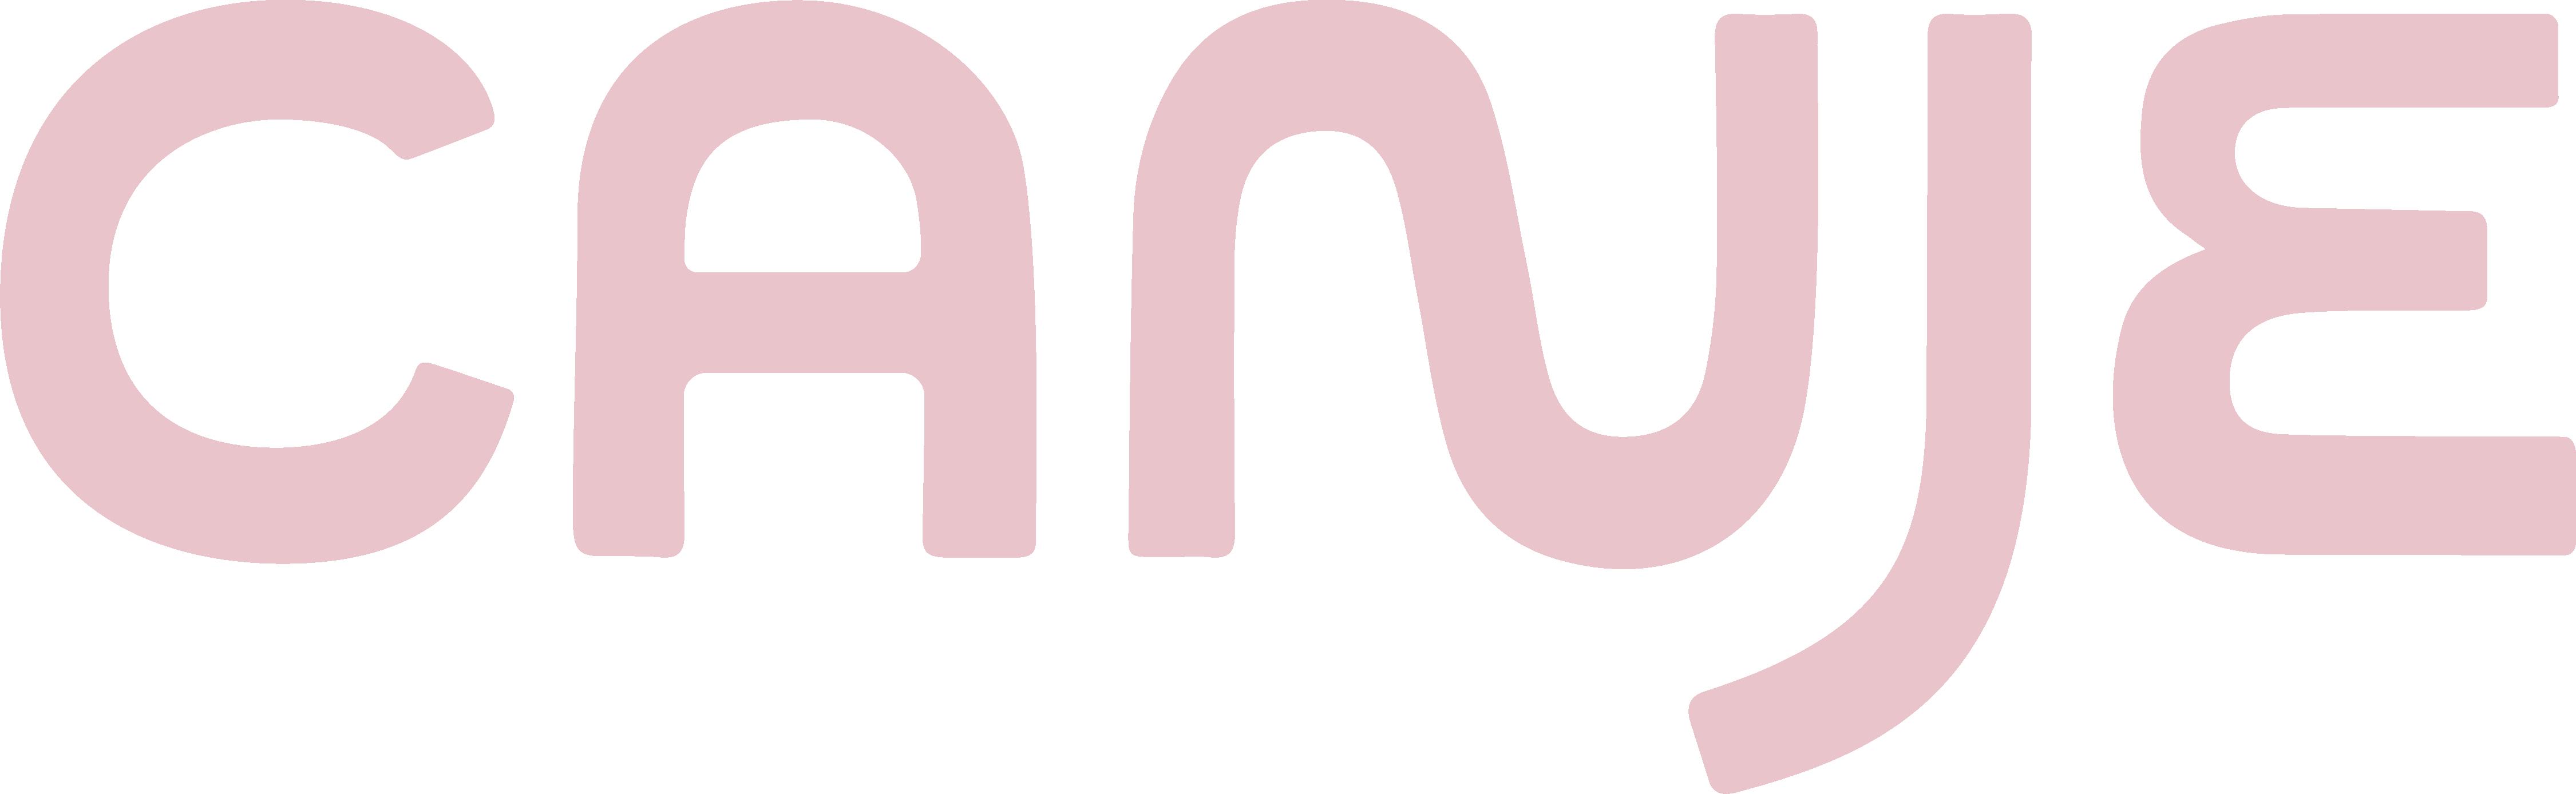 Canje